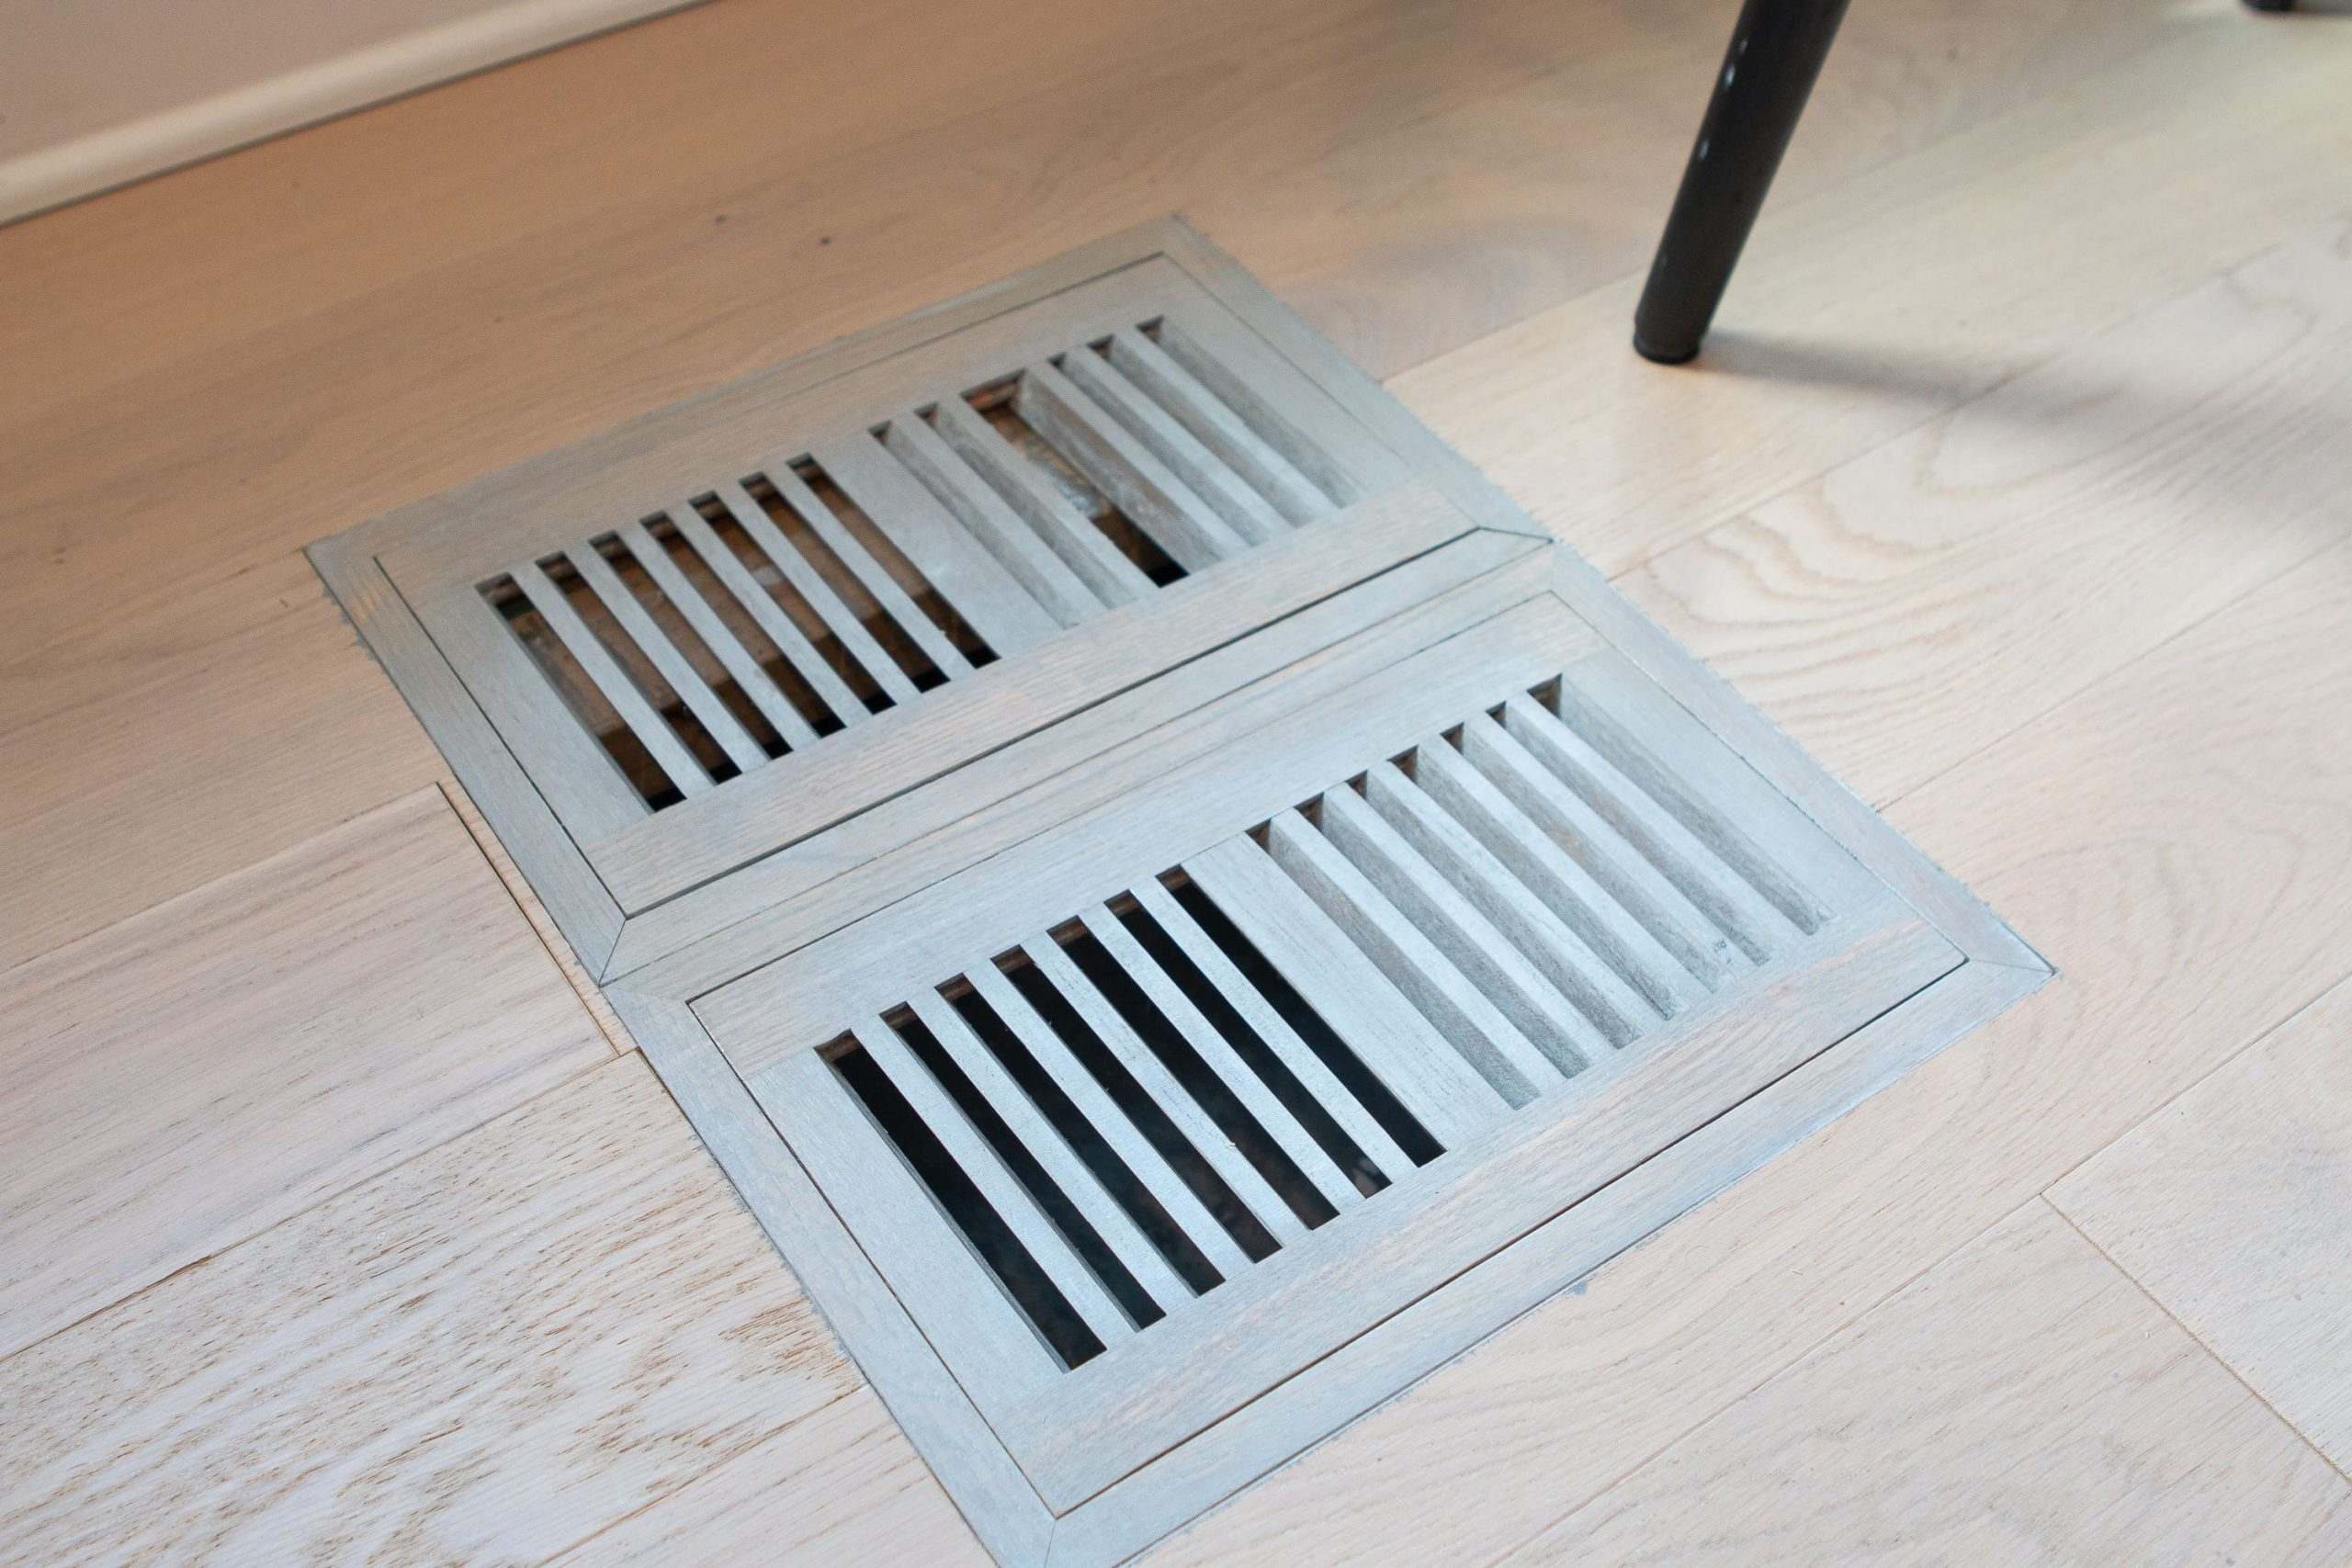 Broken floor register